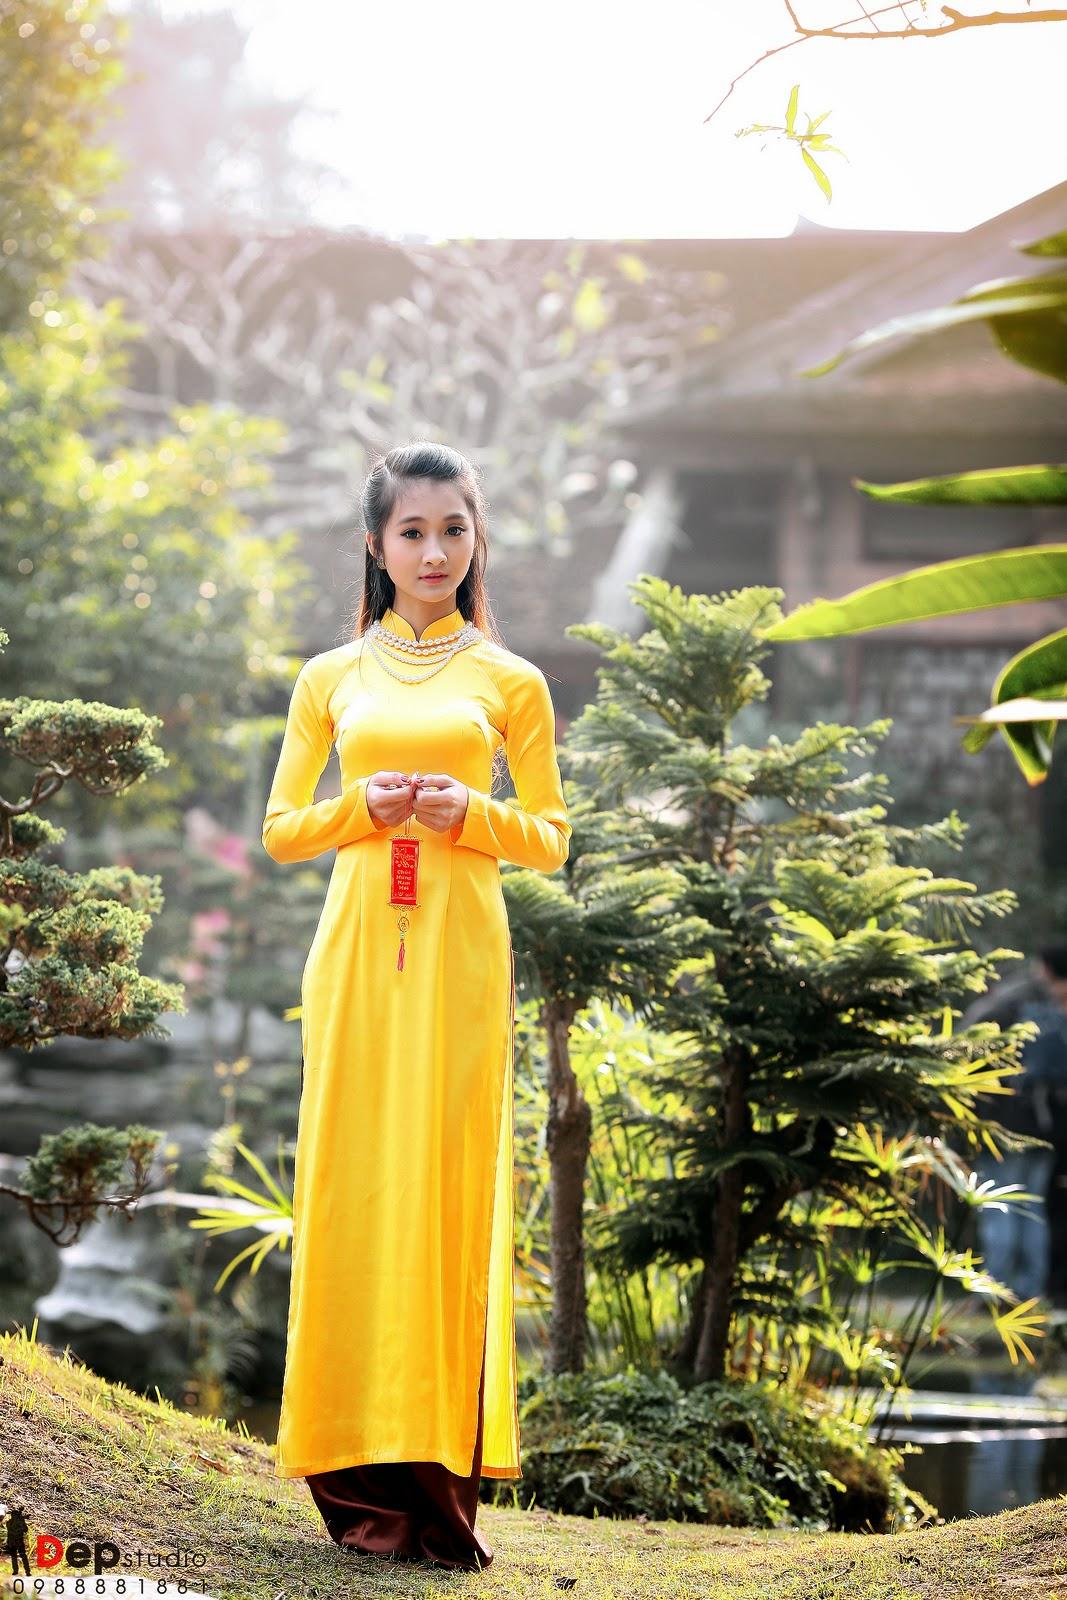 Ảnh đẹp girl xinh Áo dài truyền thống Việt Nam - Ảnh 20